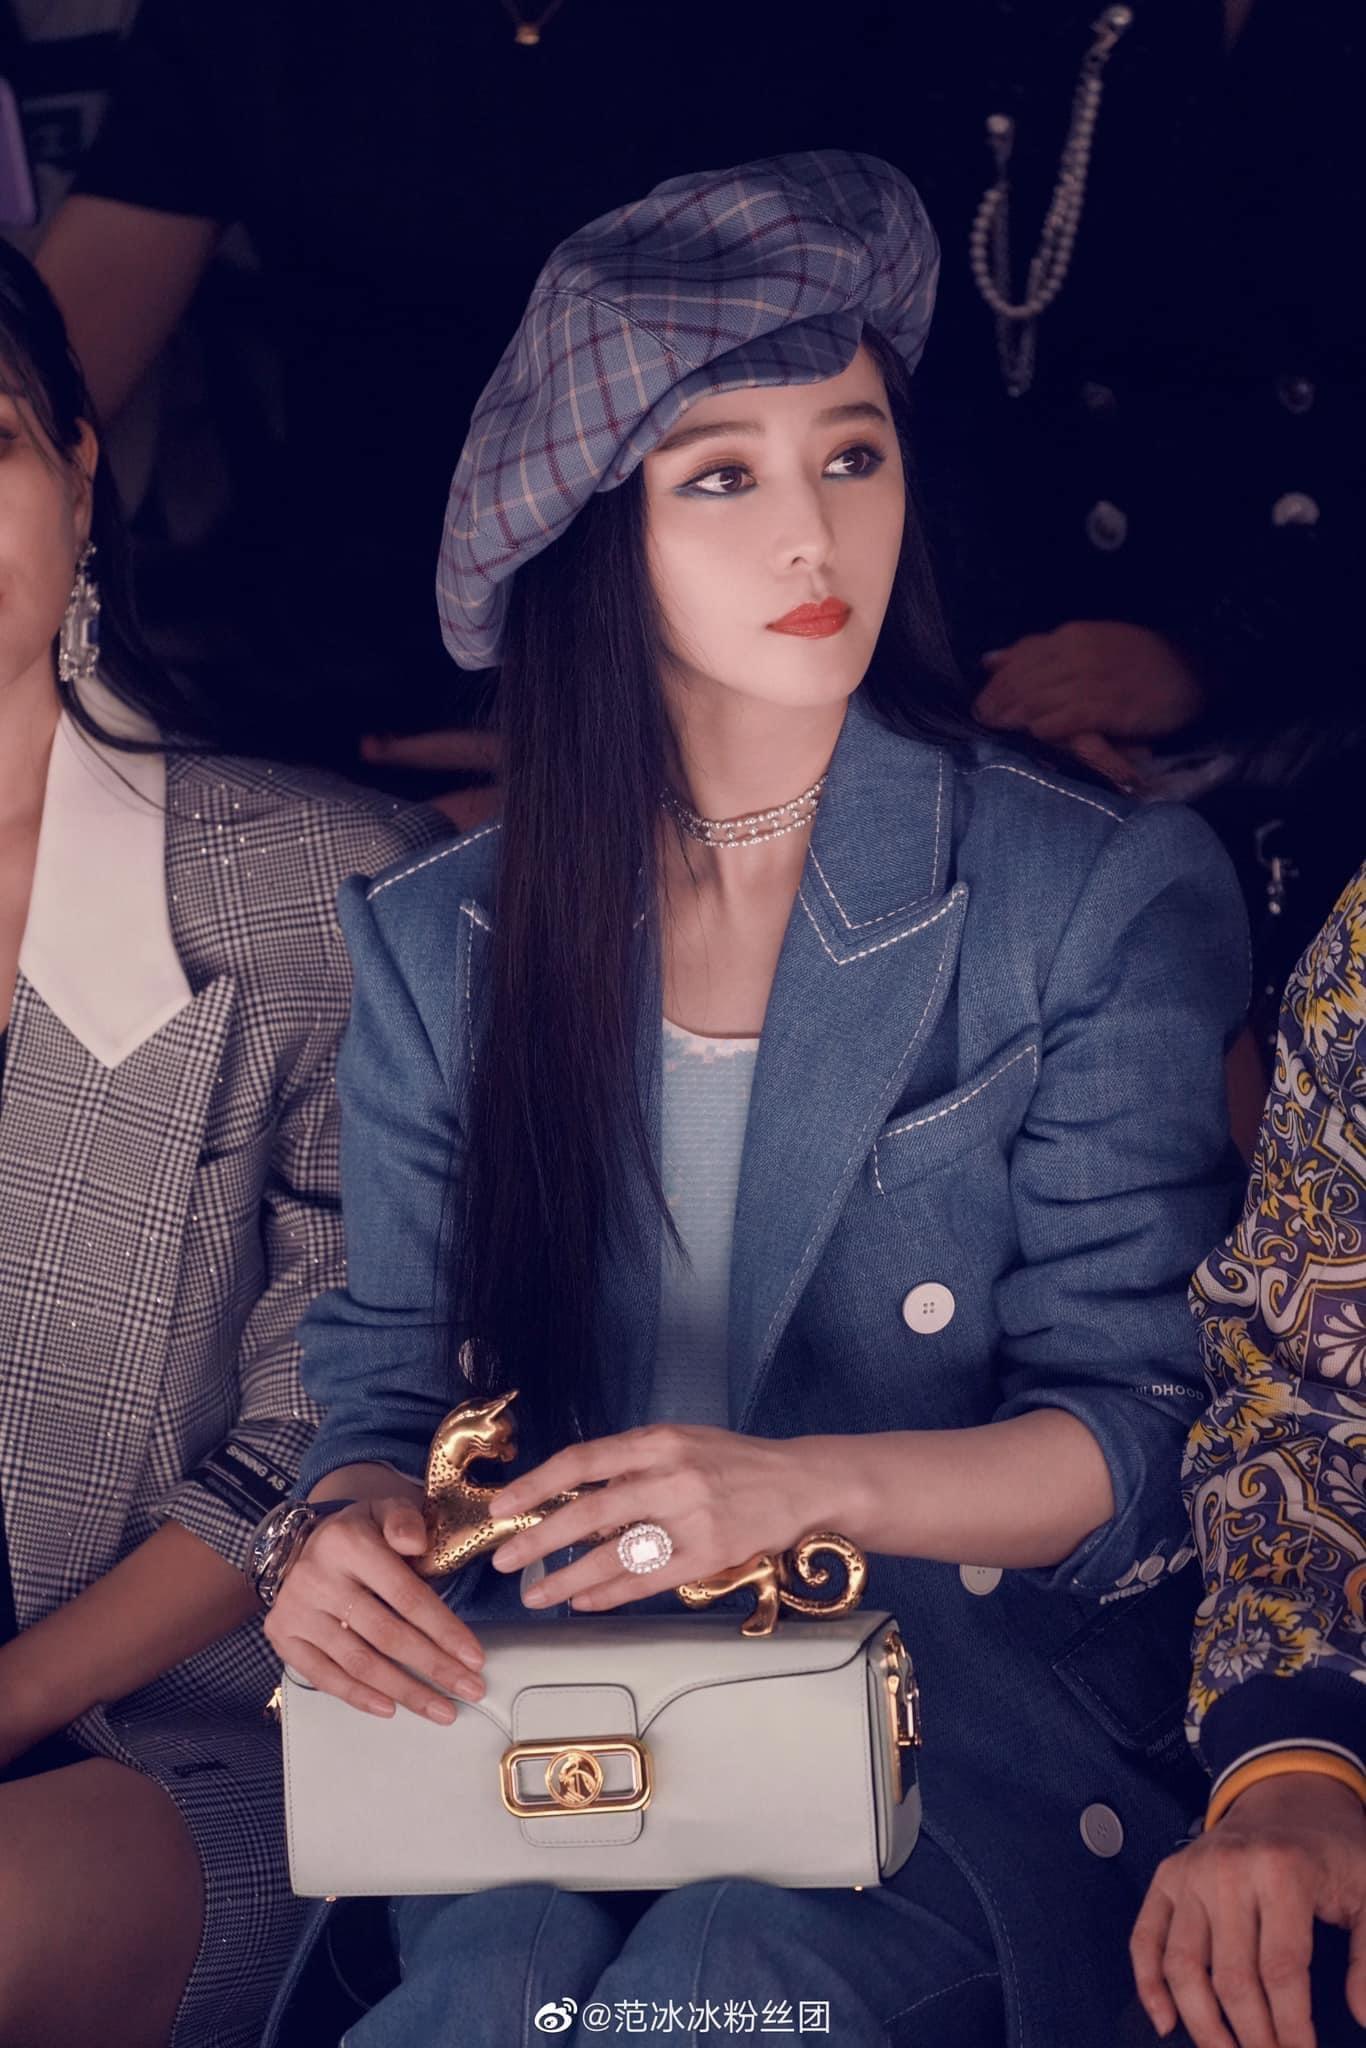 Phạm Băng Băng nổi bật tại sự kiện, xứng danh nữ hoàng giải trí